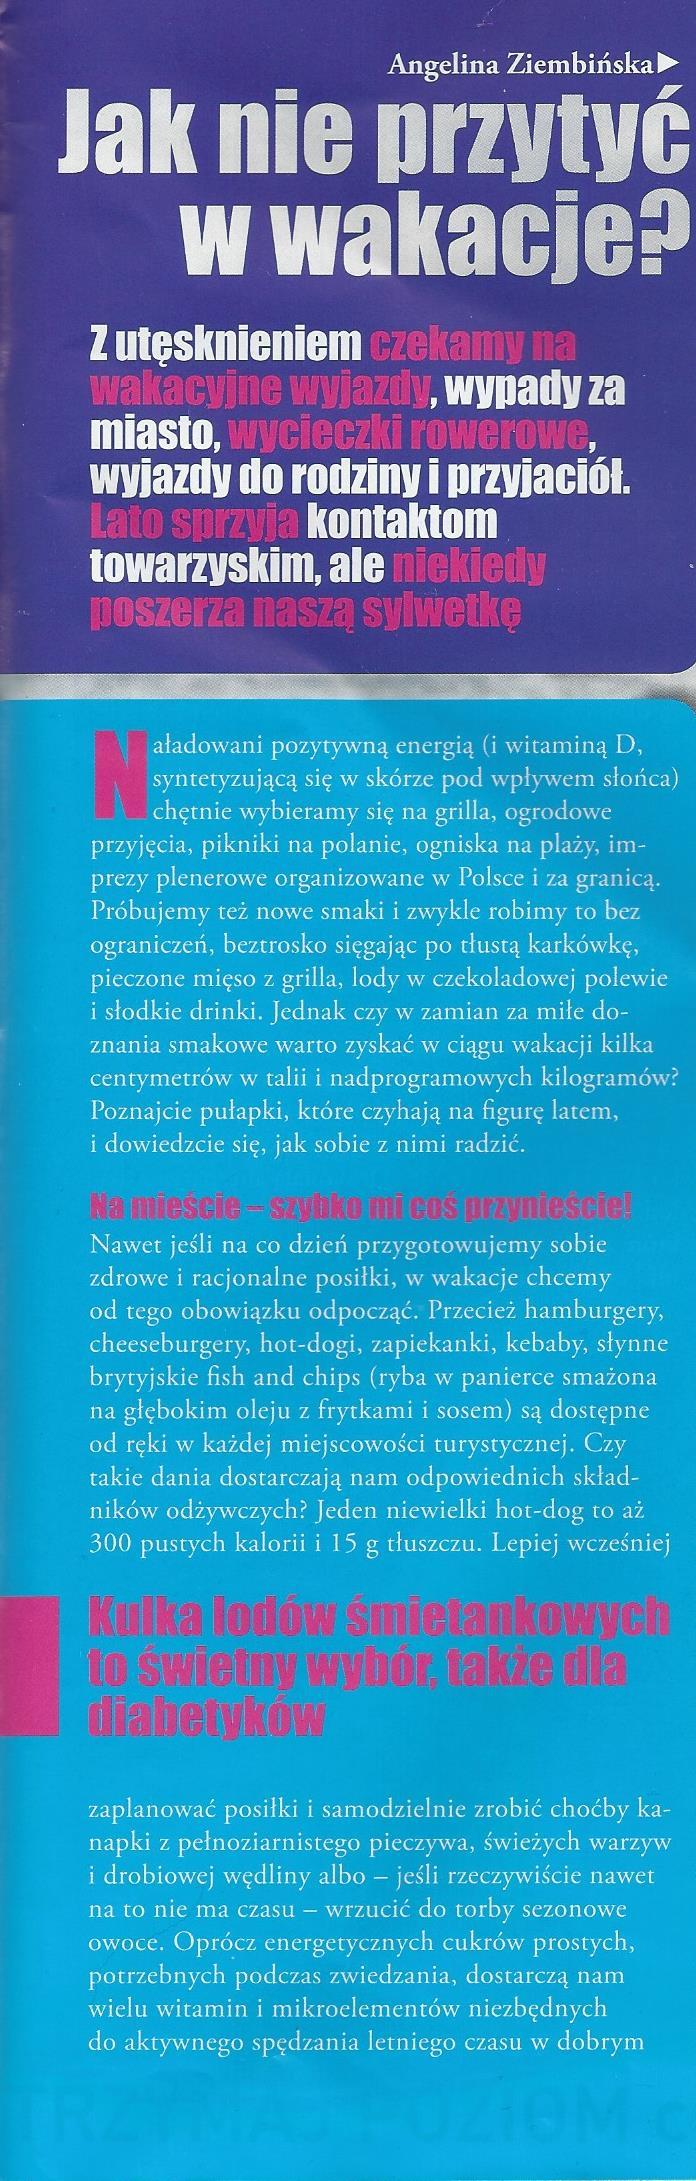 tekst angelina ziembińska dietolog cukrzyca